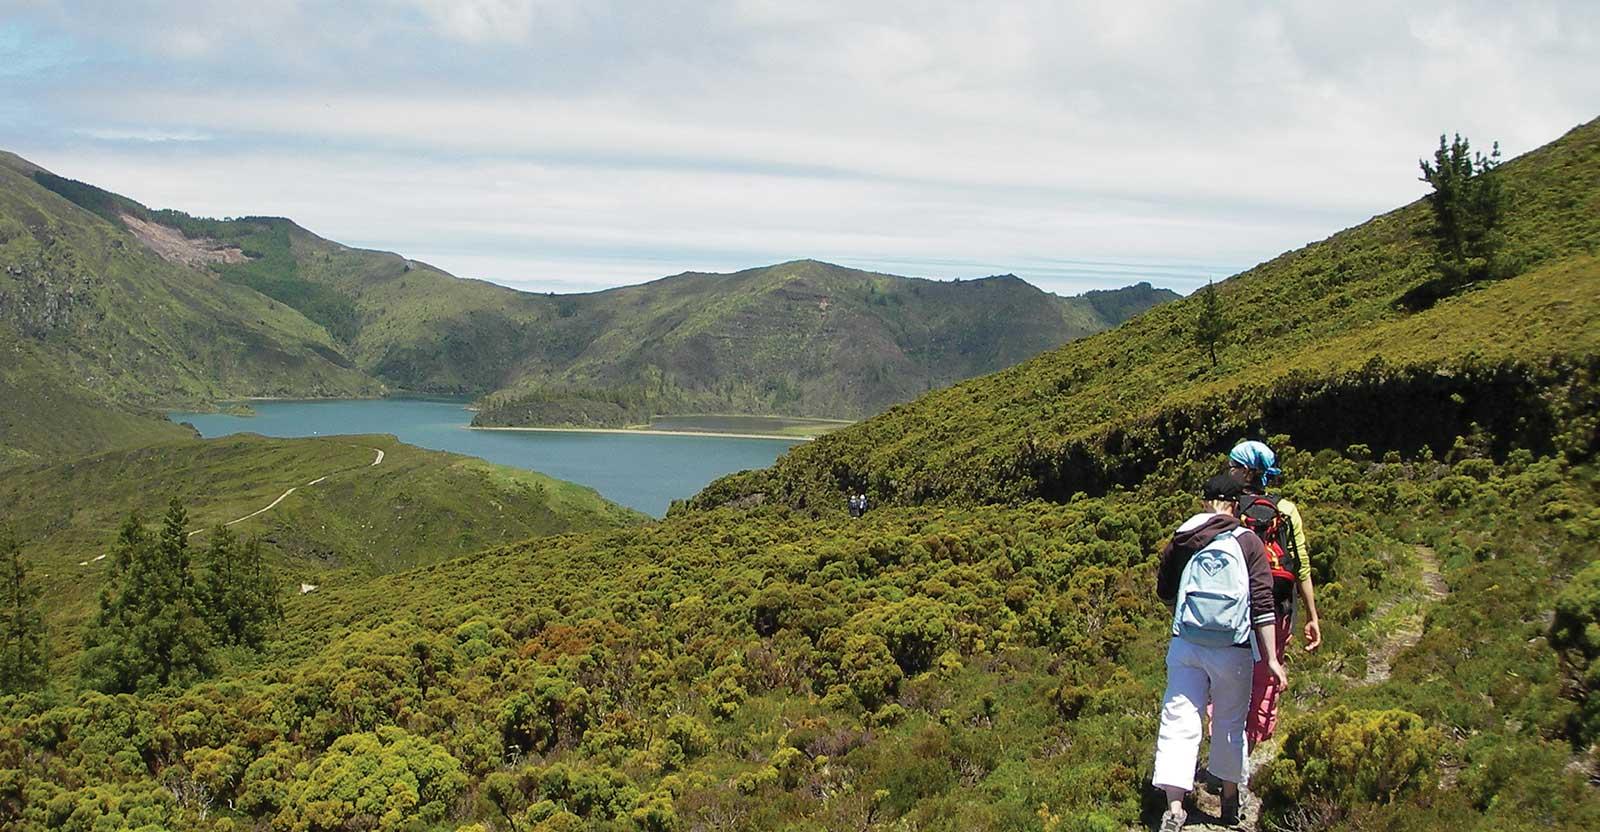 Randonnée Vinhas da Criação Velha avec vue panoramique sur le vignoble, île de Pico